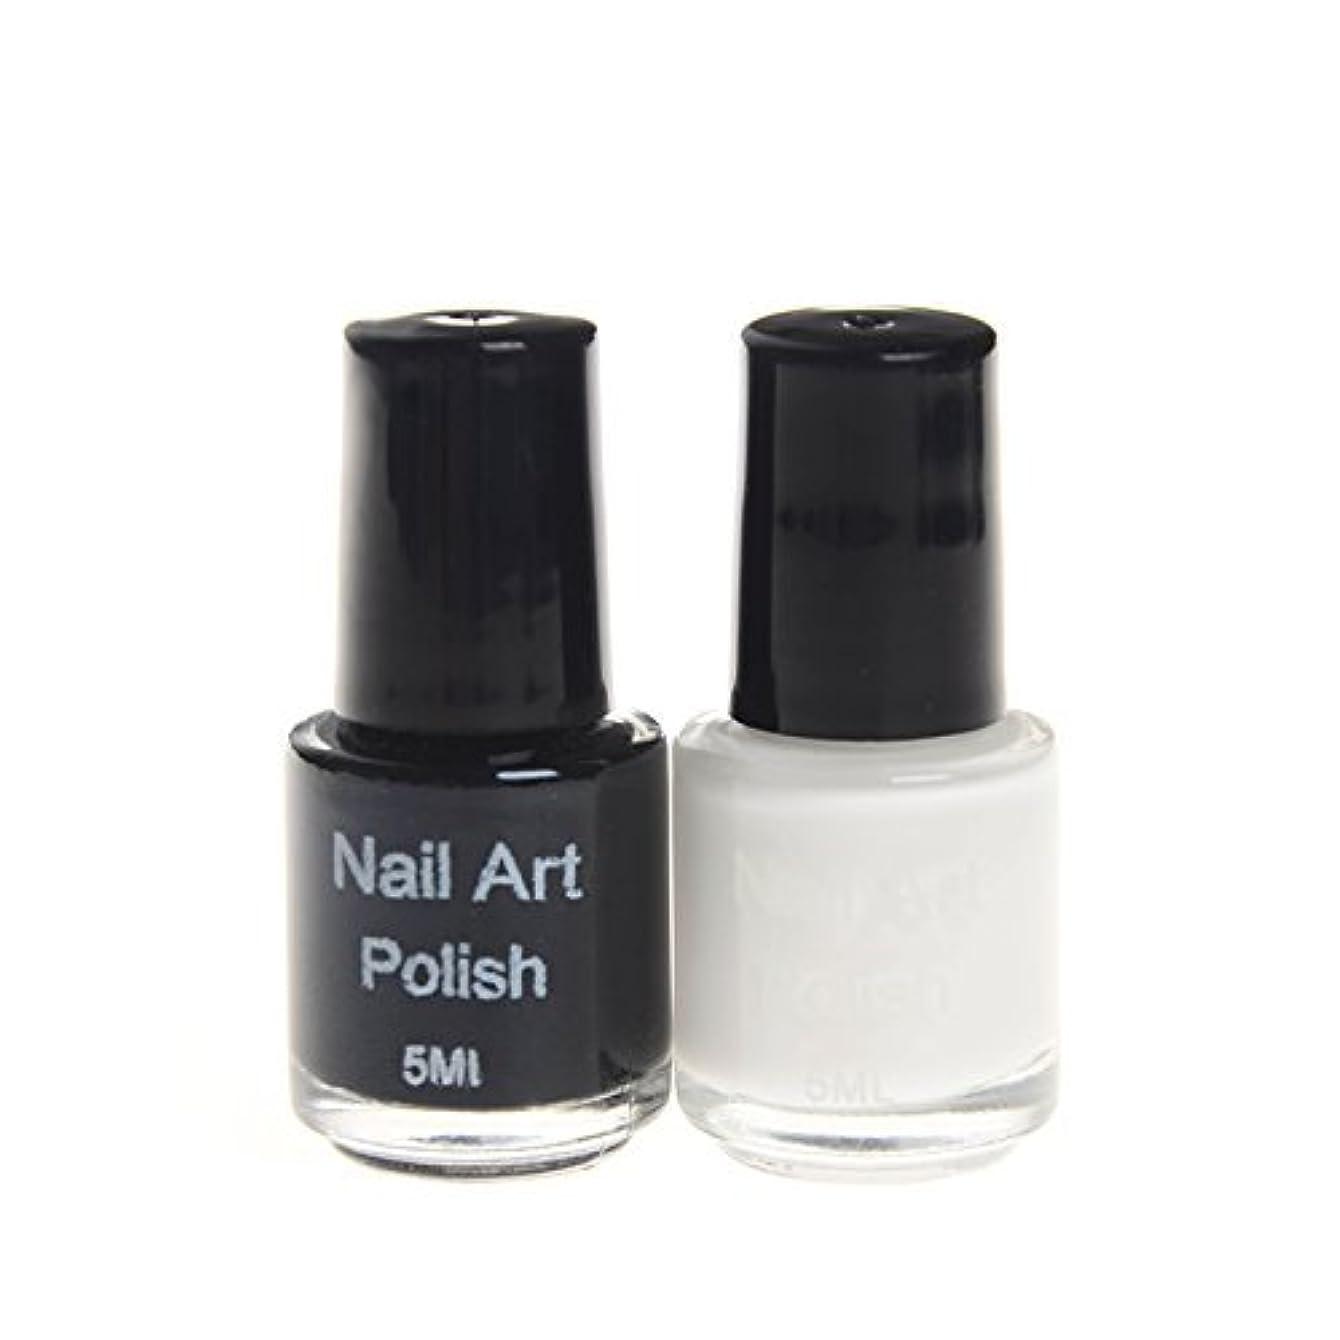 ゆり増幅するシリングスタンプネイル専用ポリッシュ 2色ホワイト&ブラックカラーマニキュアネイルアート  スタンプネイルアート